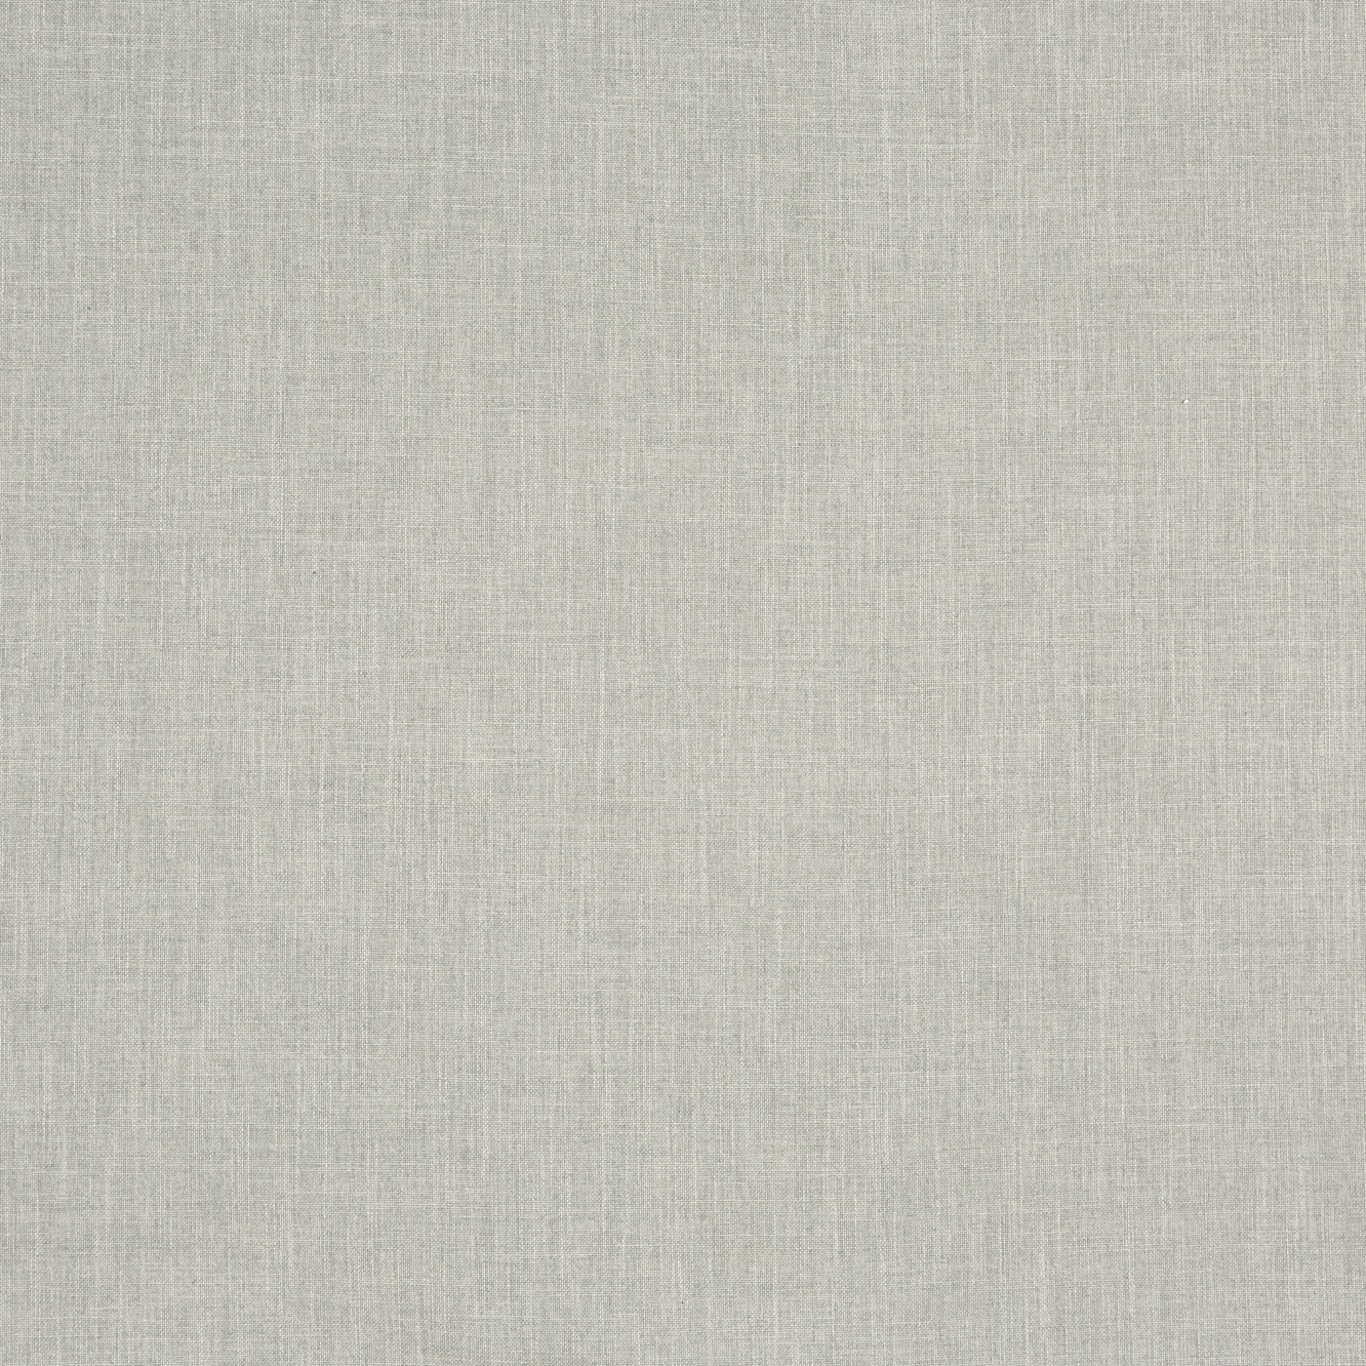 Image of Prestigious Chichester Parchment Fabric 3757/022